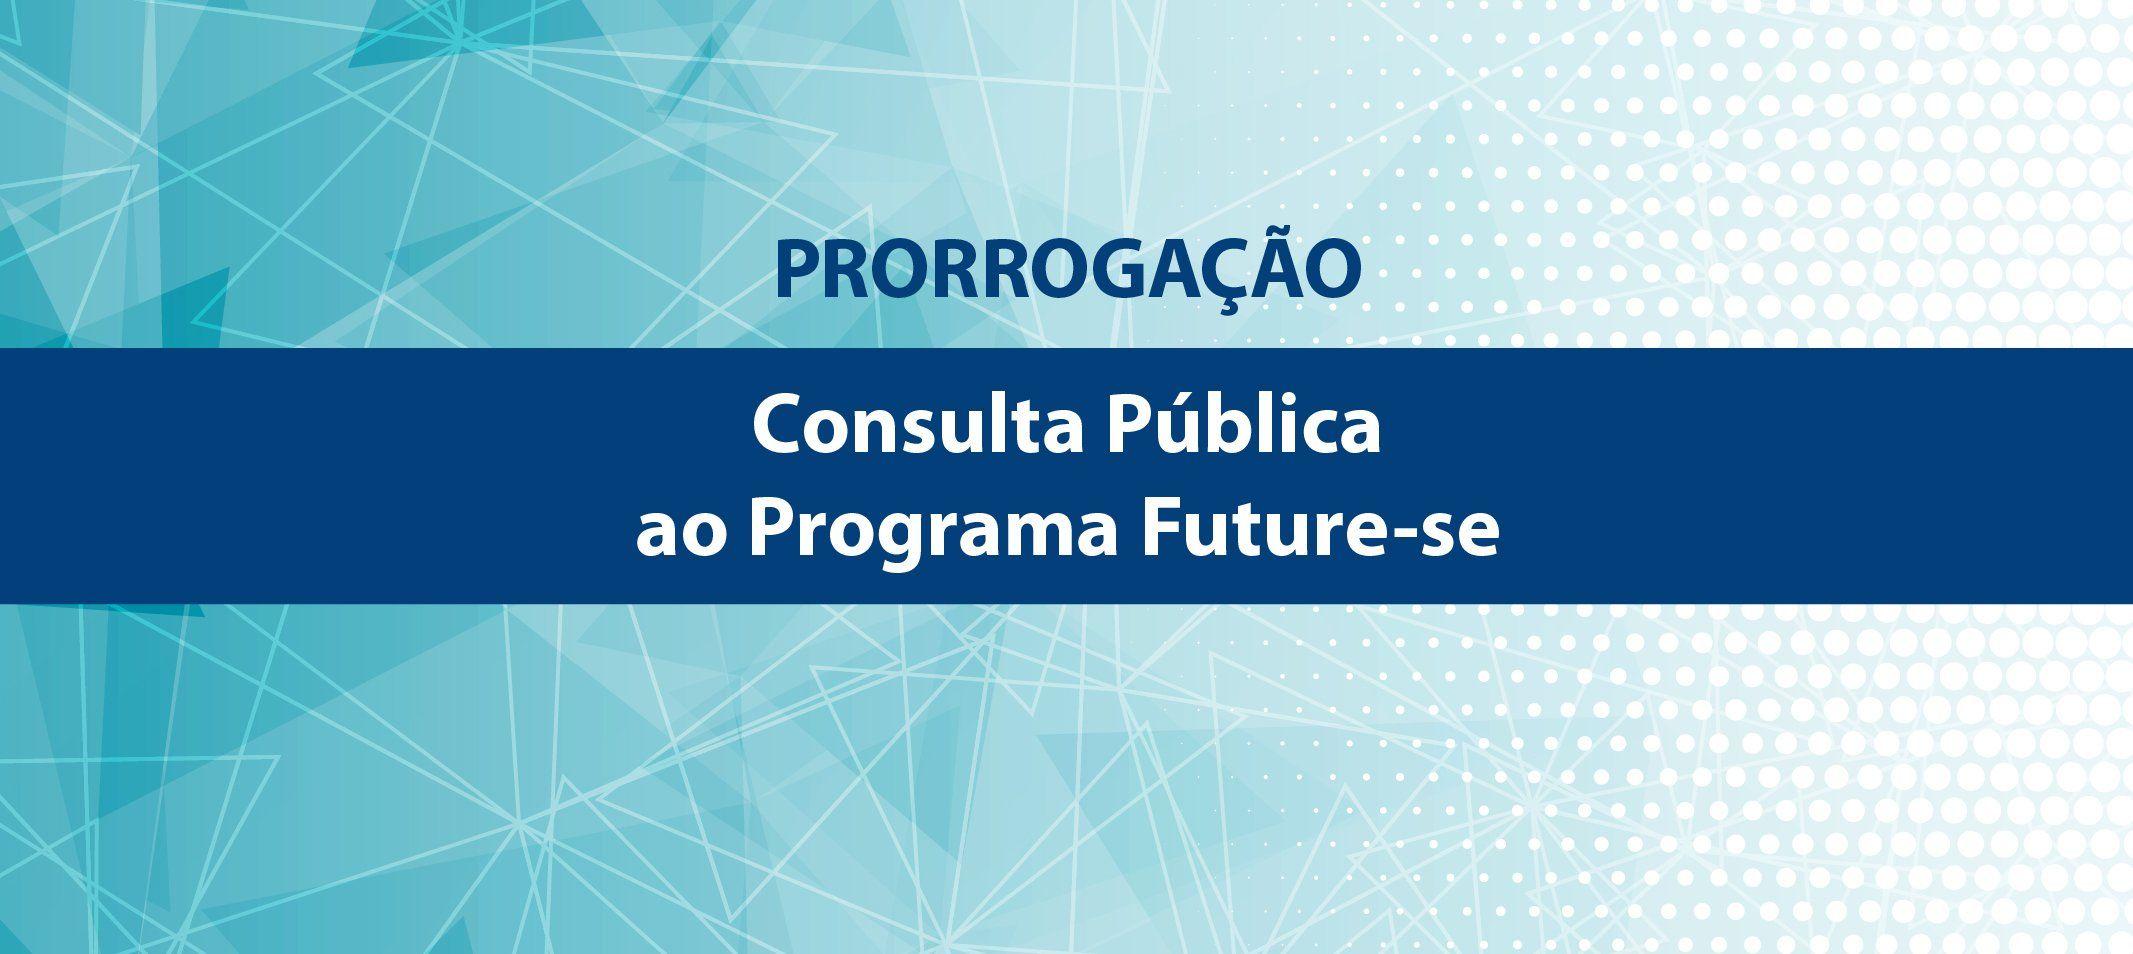 Mec prorroga consulta pública do Future-se até o dia 29 de agosto